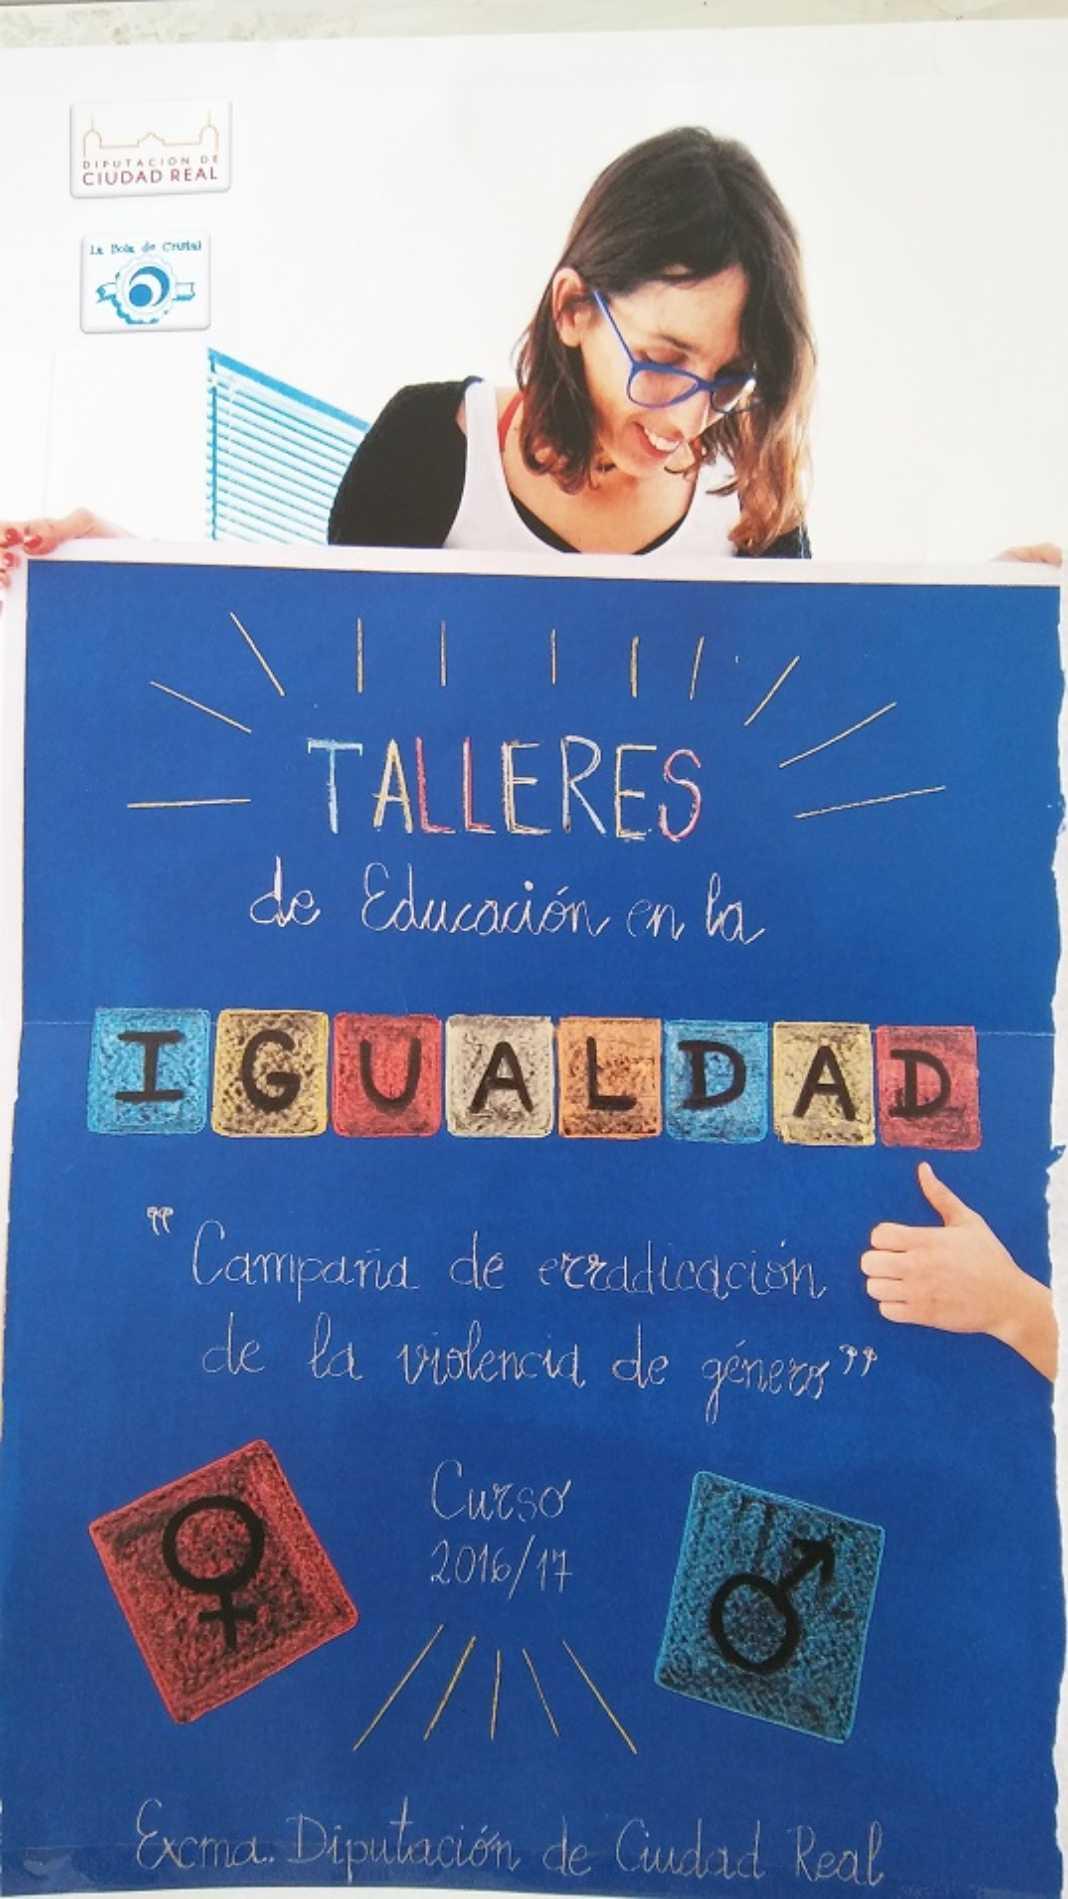 Eduación igualdad 1068x1899 - Talleres de Educación en la Igualdad de la Diputación de Ciudad Real